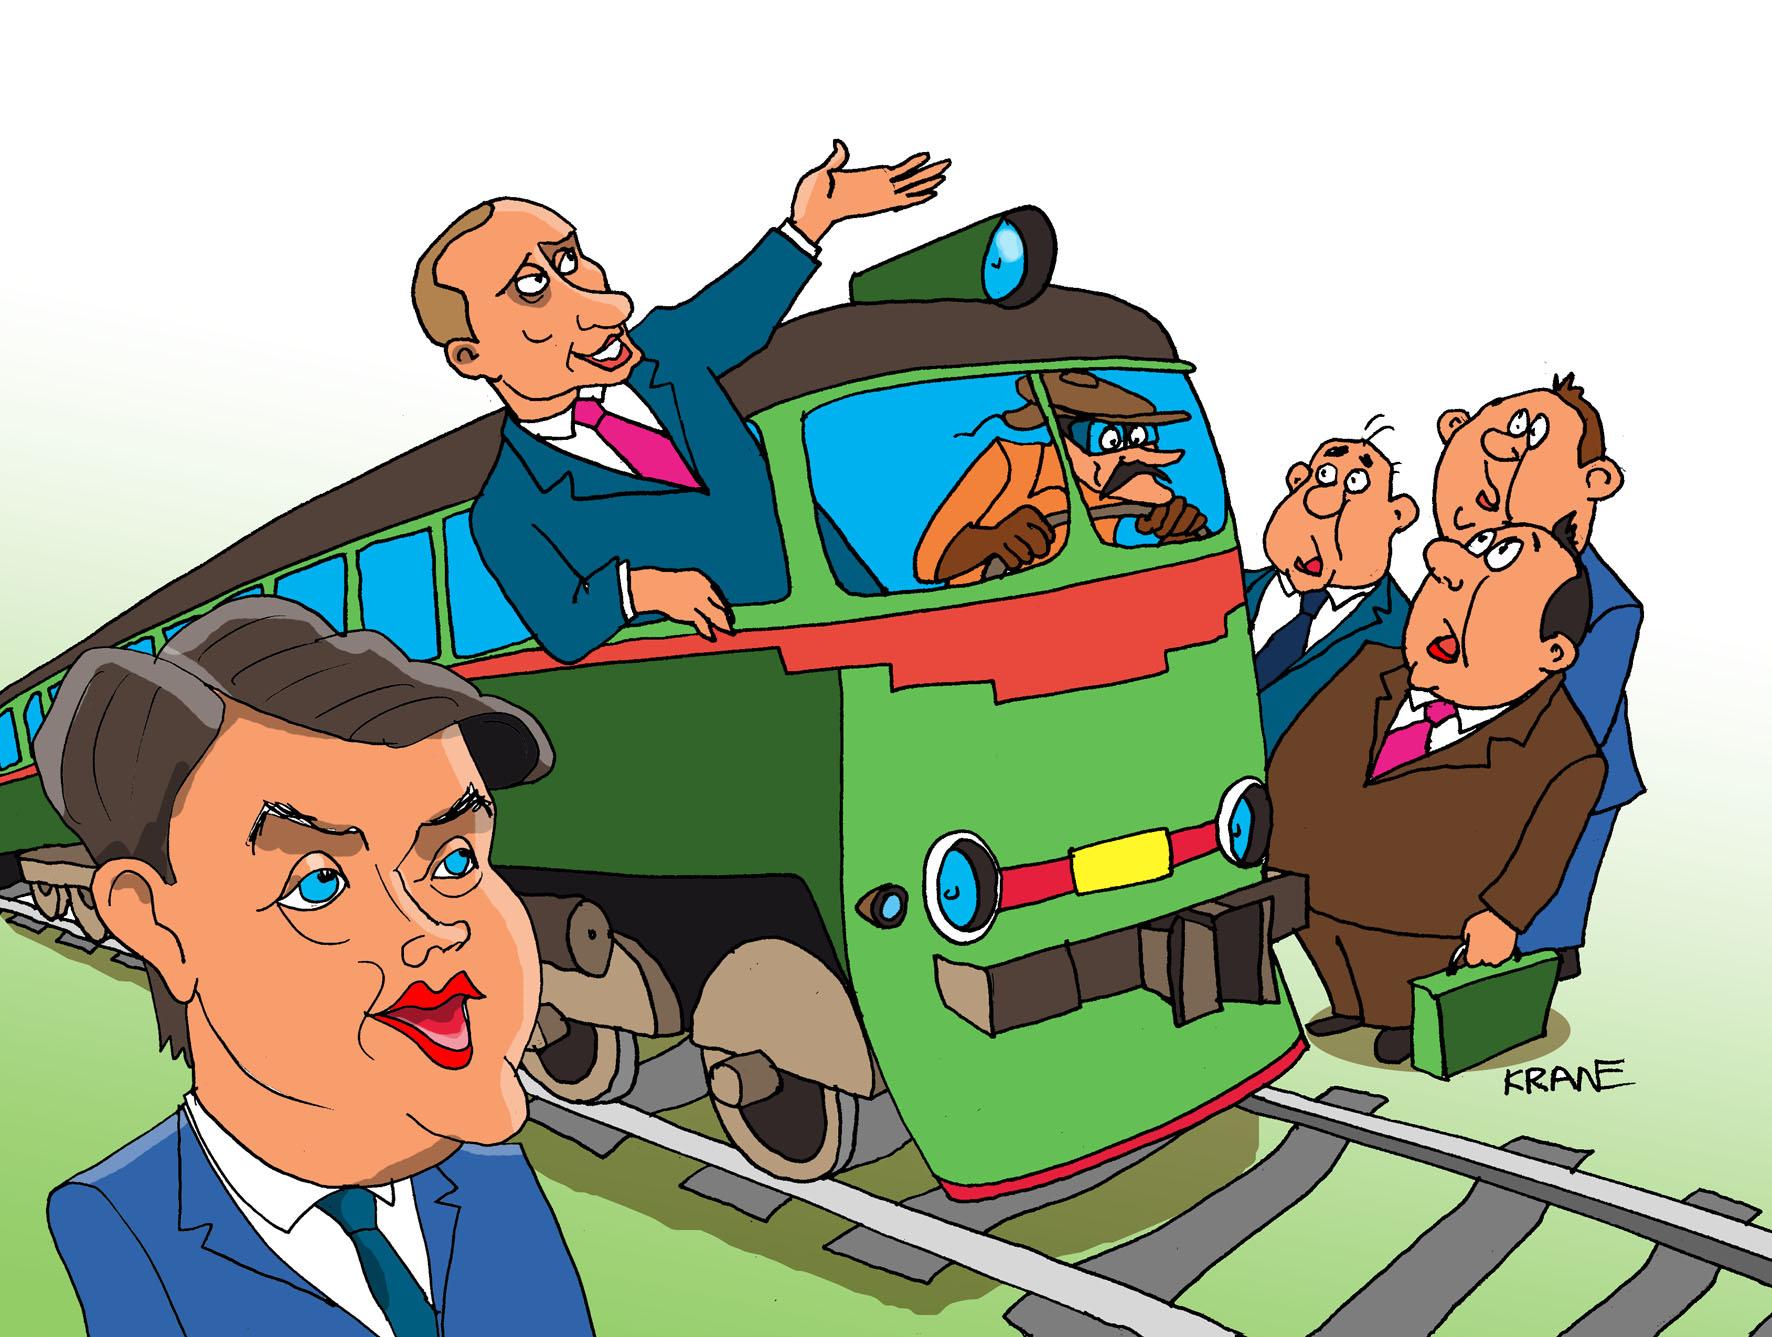 Машинист поезда смешные картинки